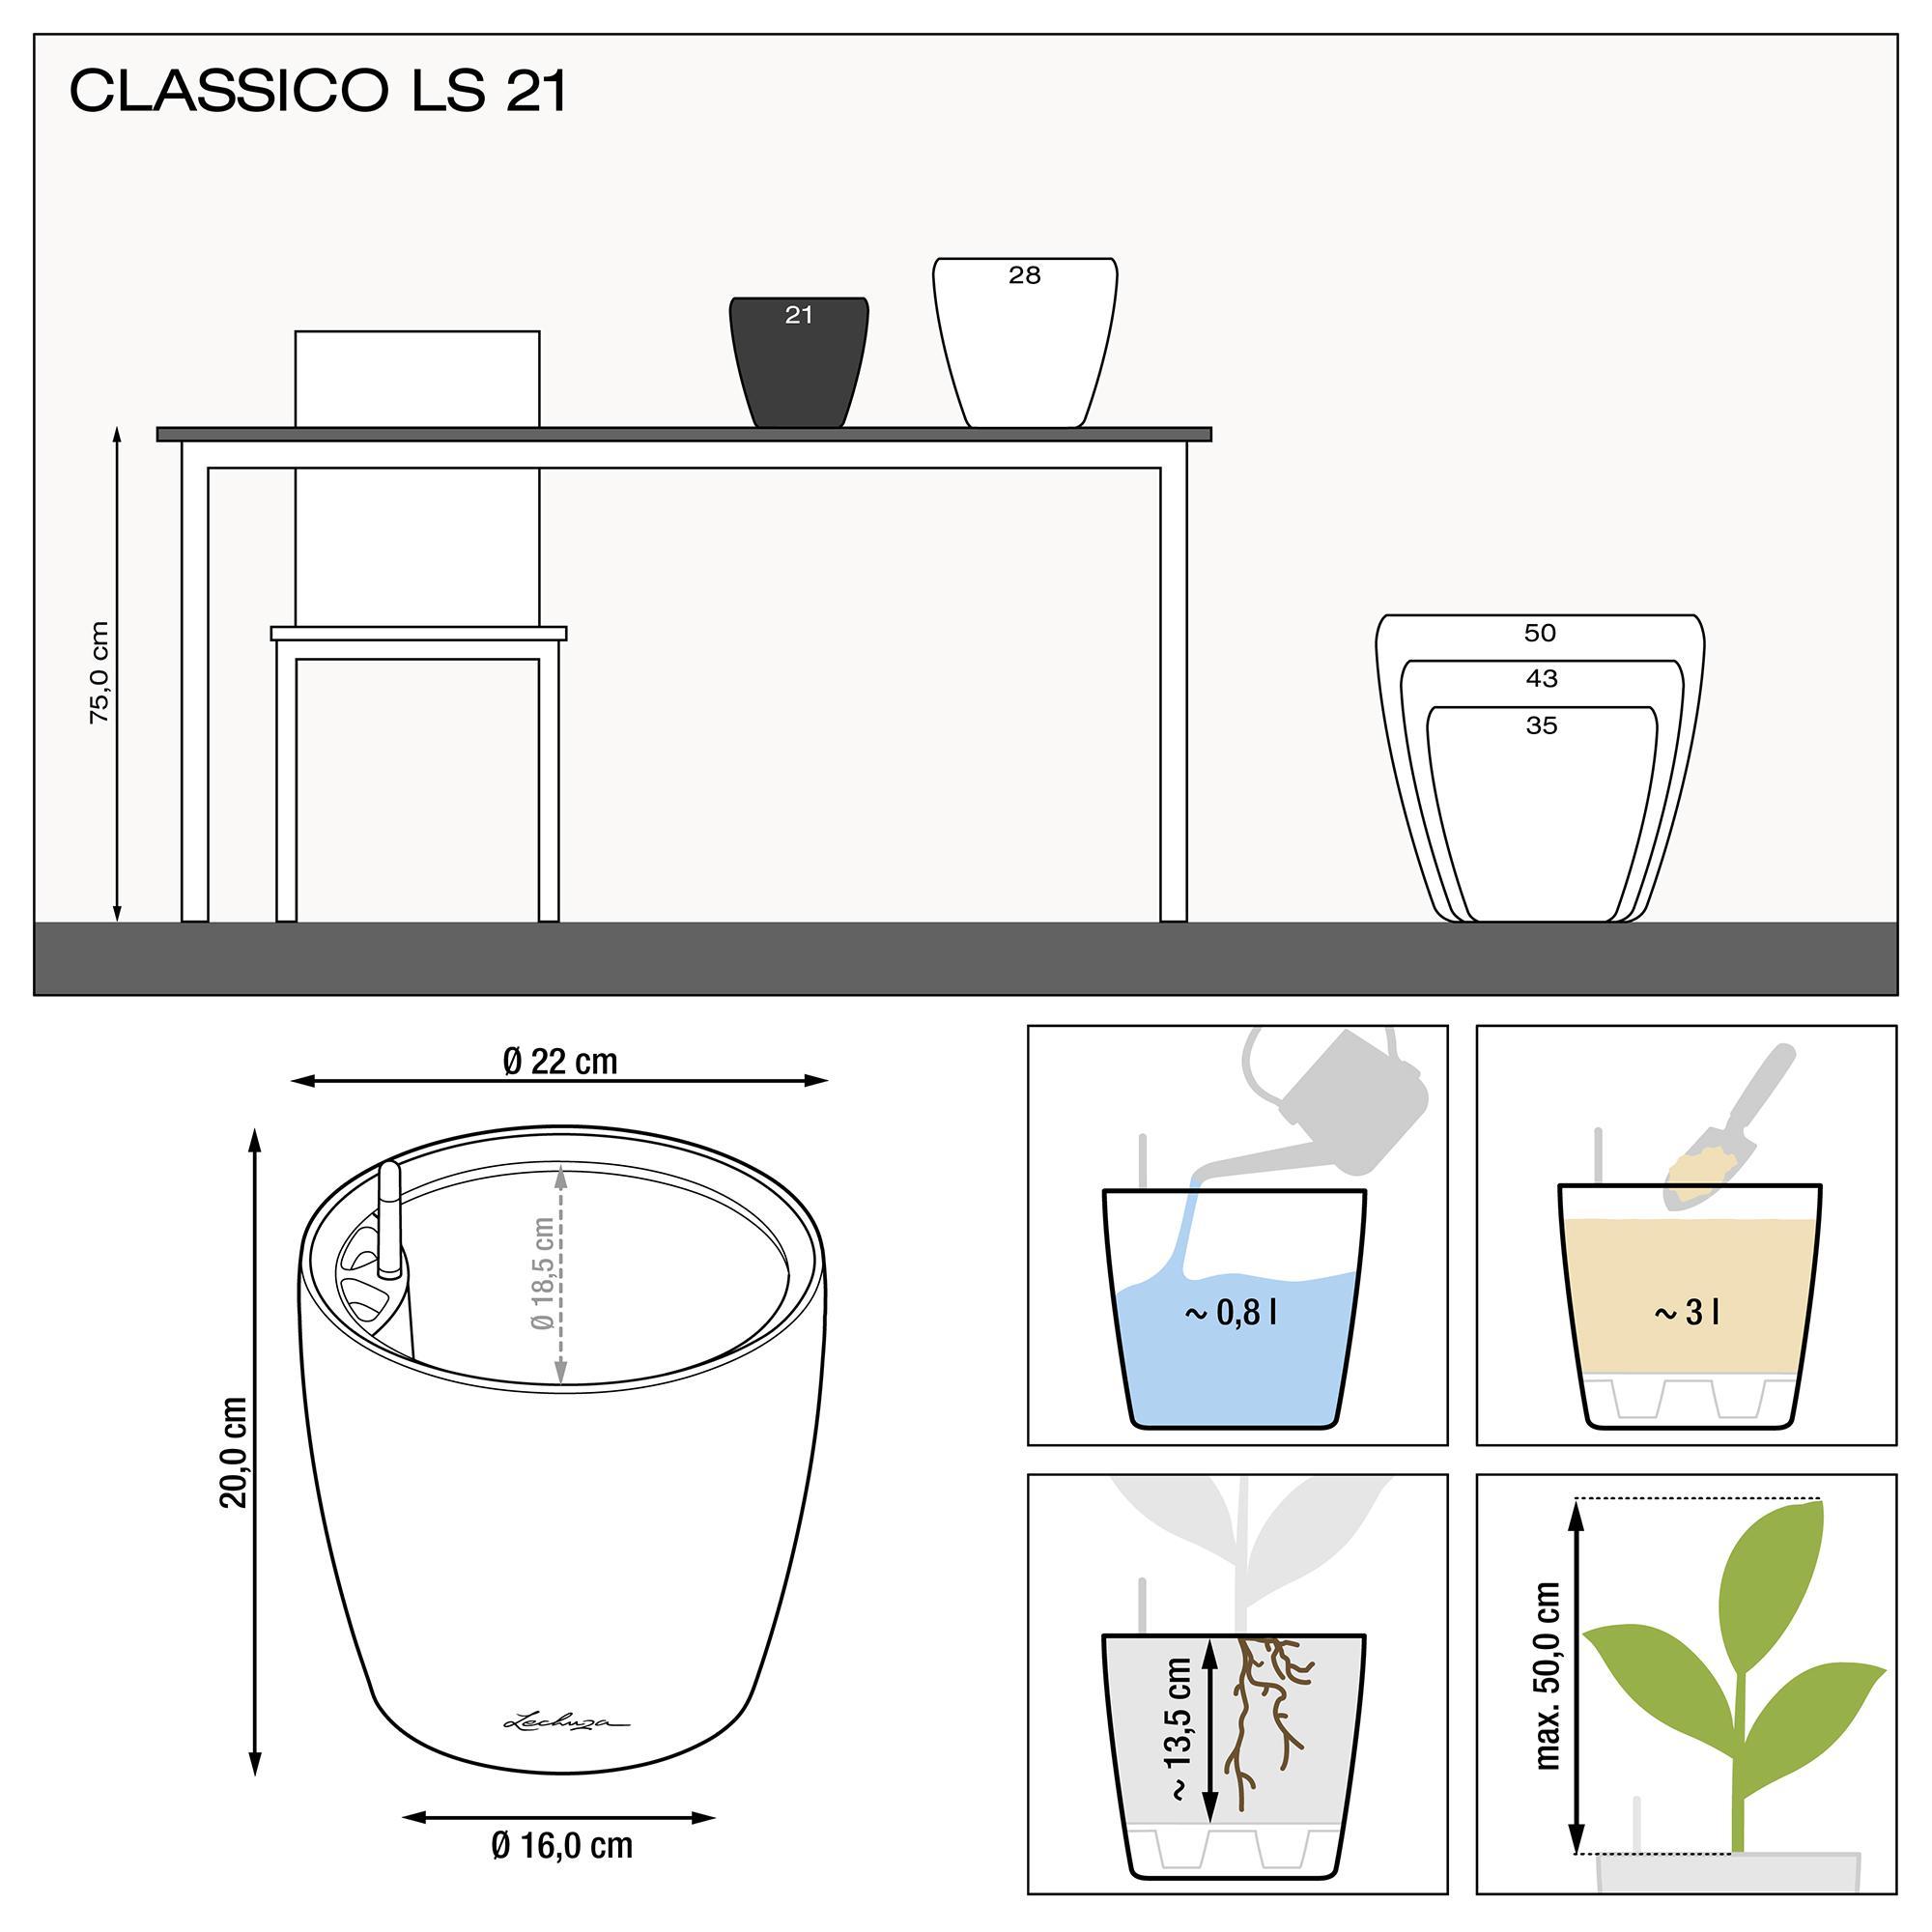 CLASSICO LS 21 blanc brillant - Image 3